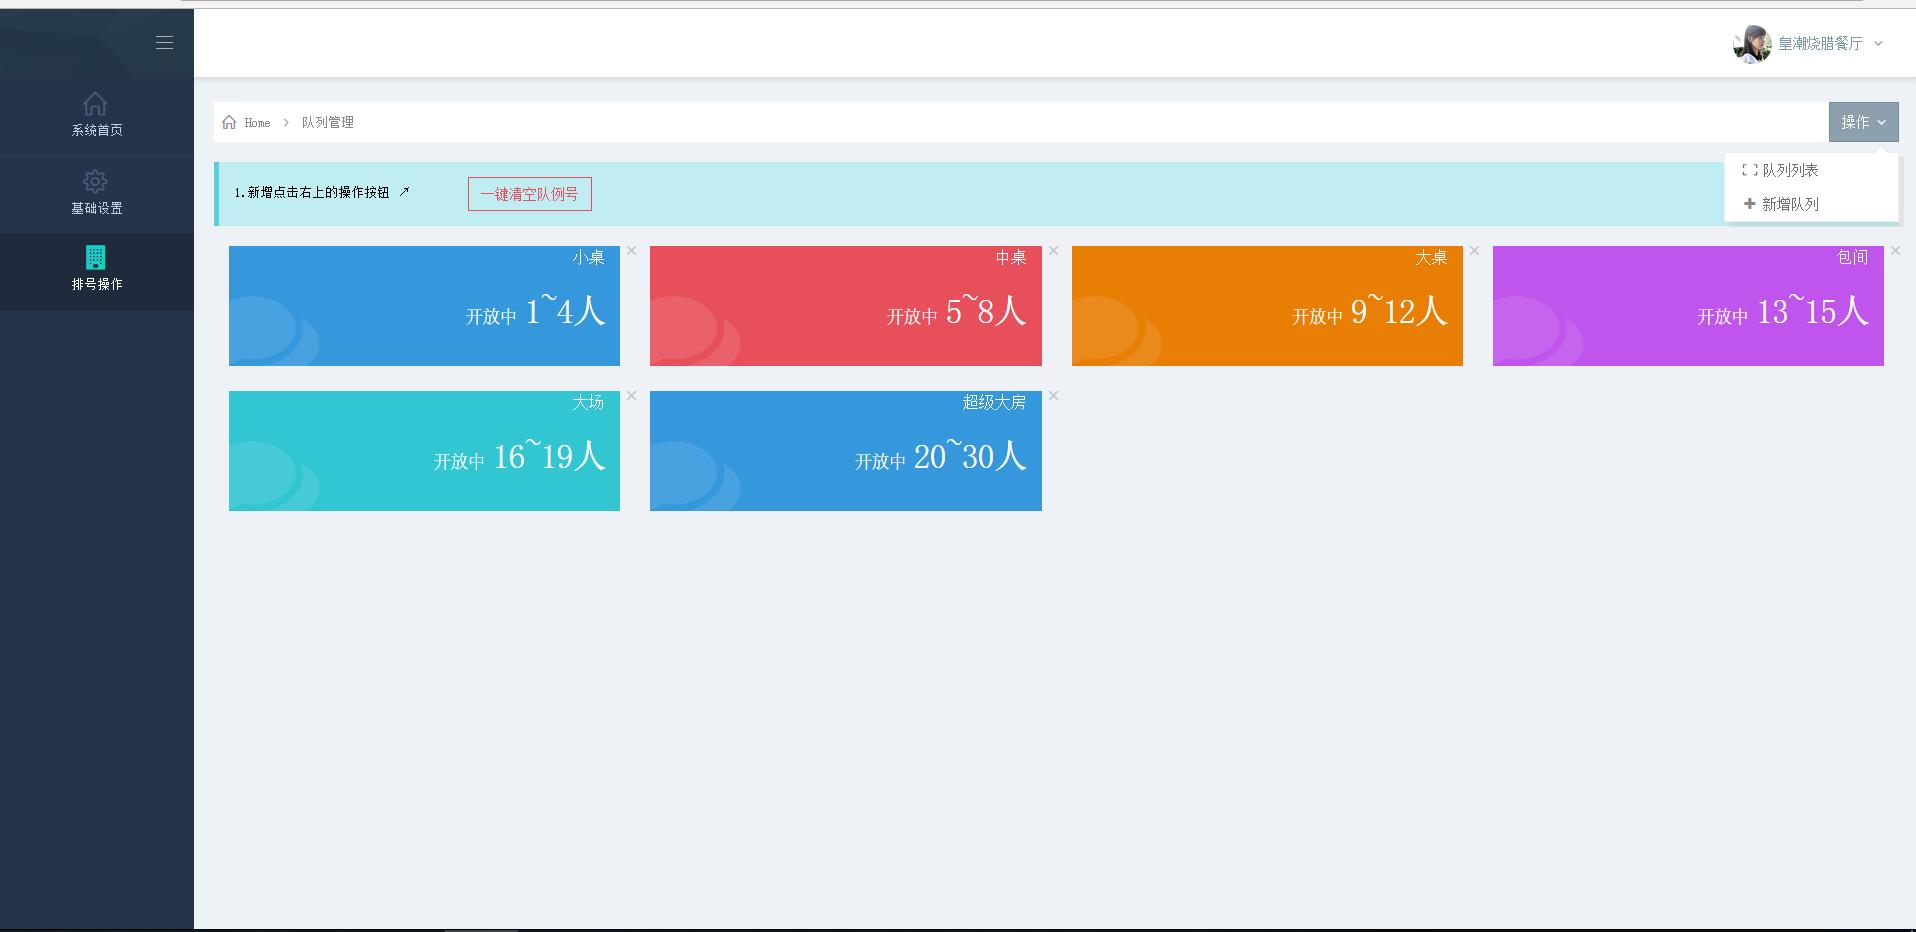 餐厅排号v1.1.8开源公众号源码